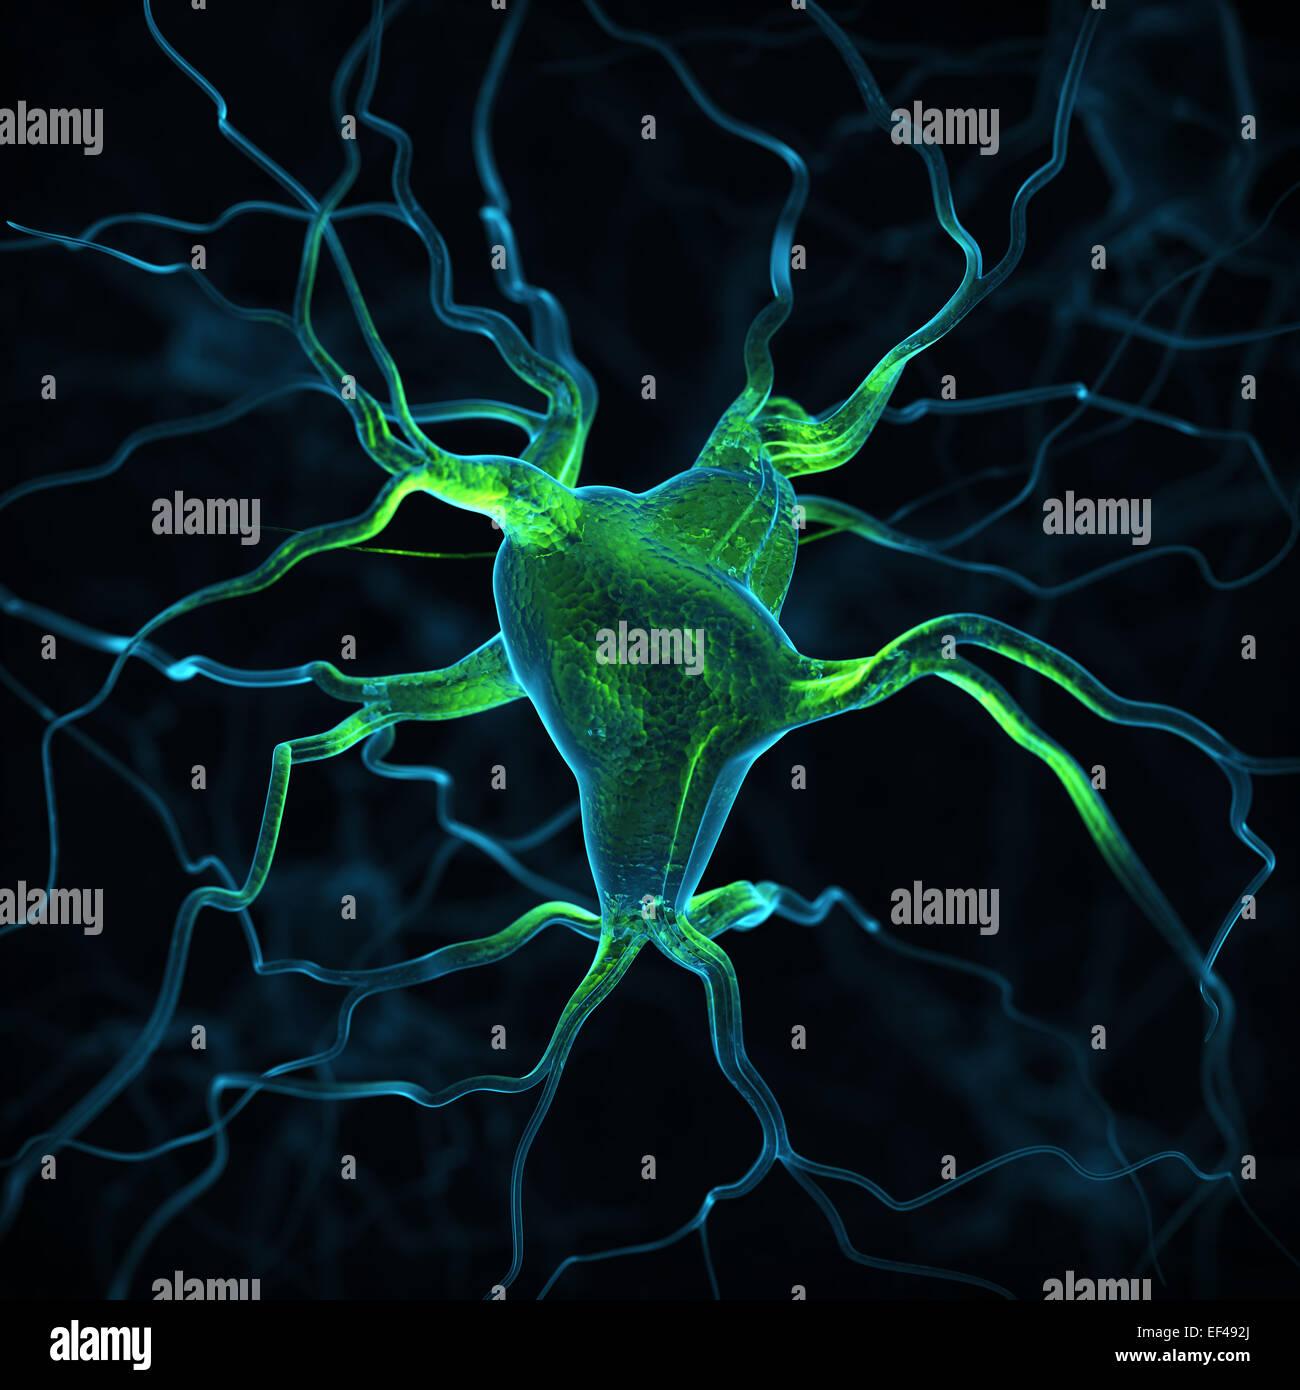 Résumé Contexte Les neurones Photo Stock